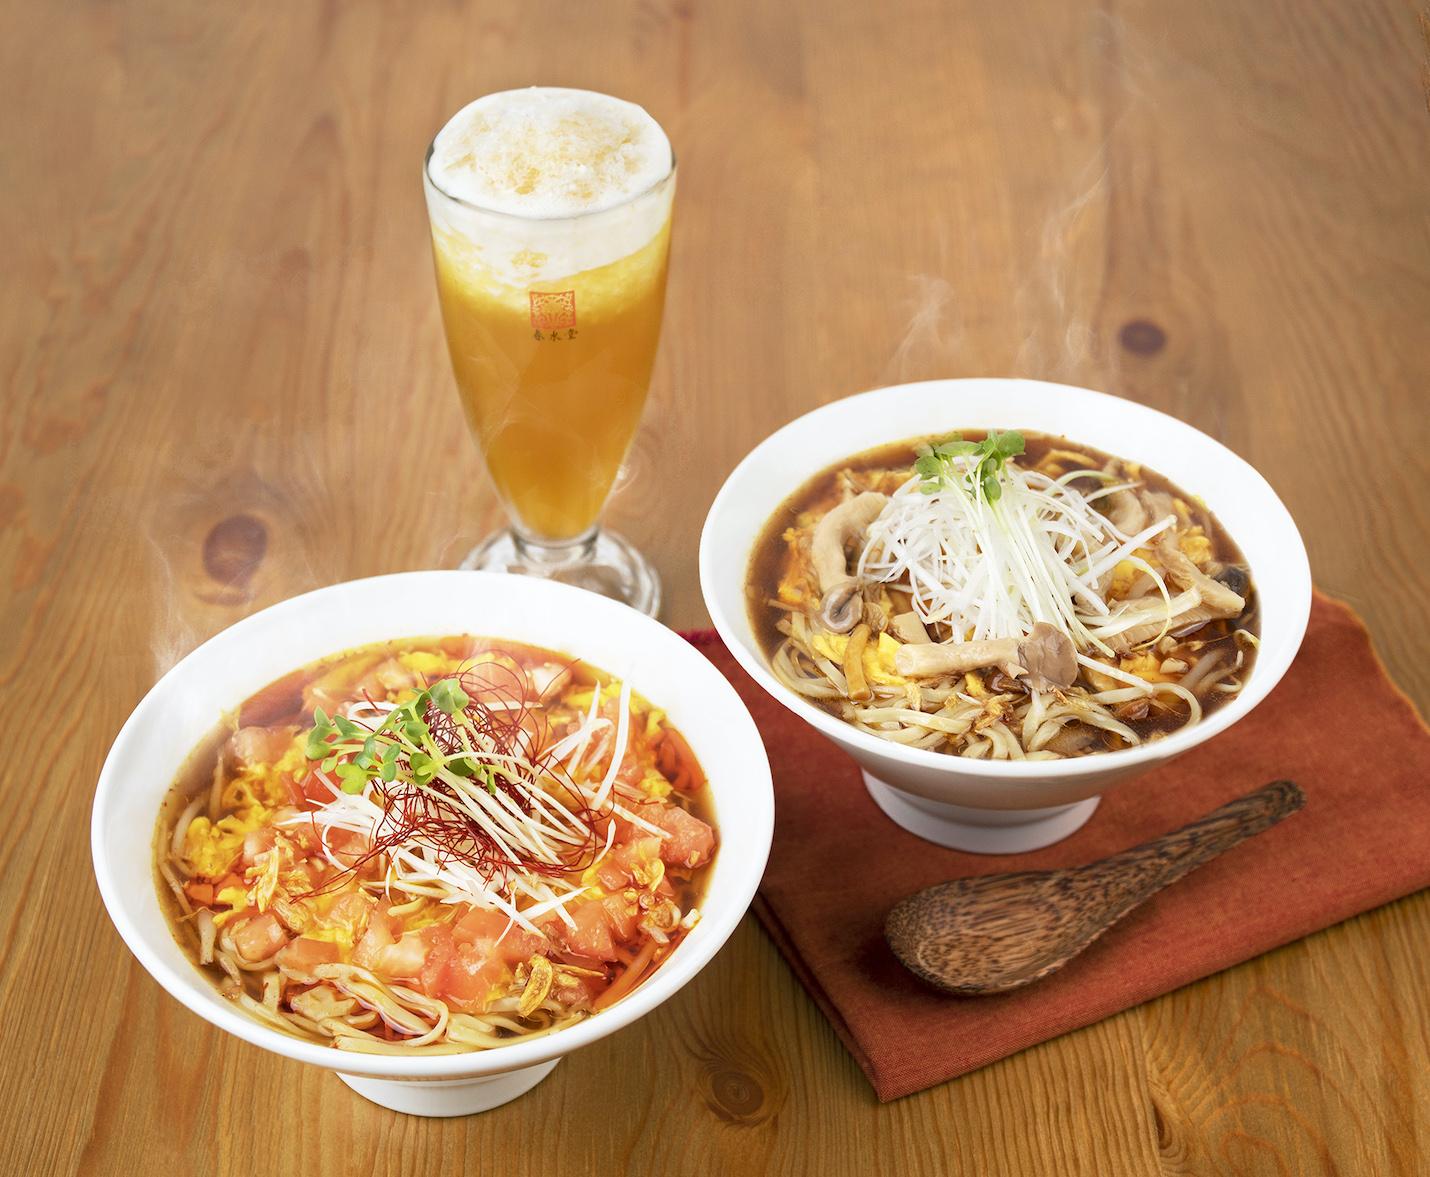 「酸辣湯麺(スーラータンメン)」と「ピリ辛トマト酸辣湯麺」